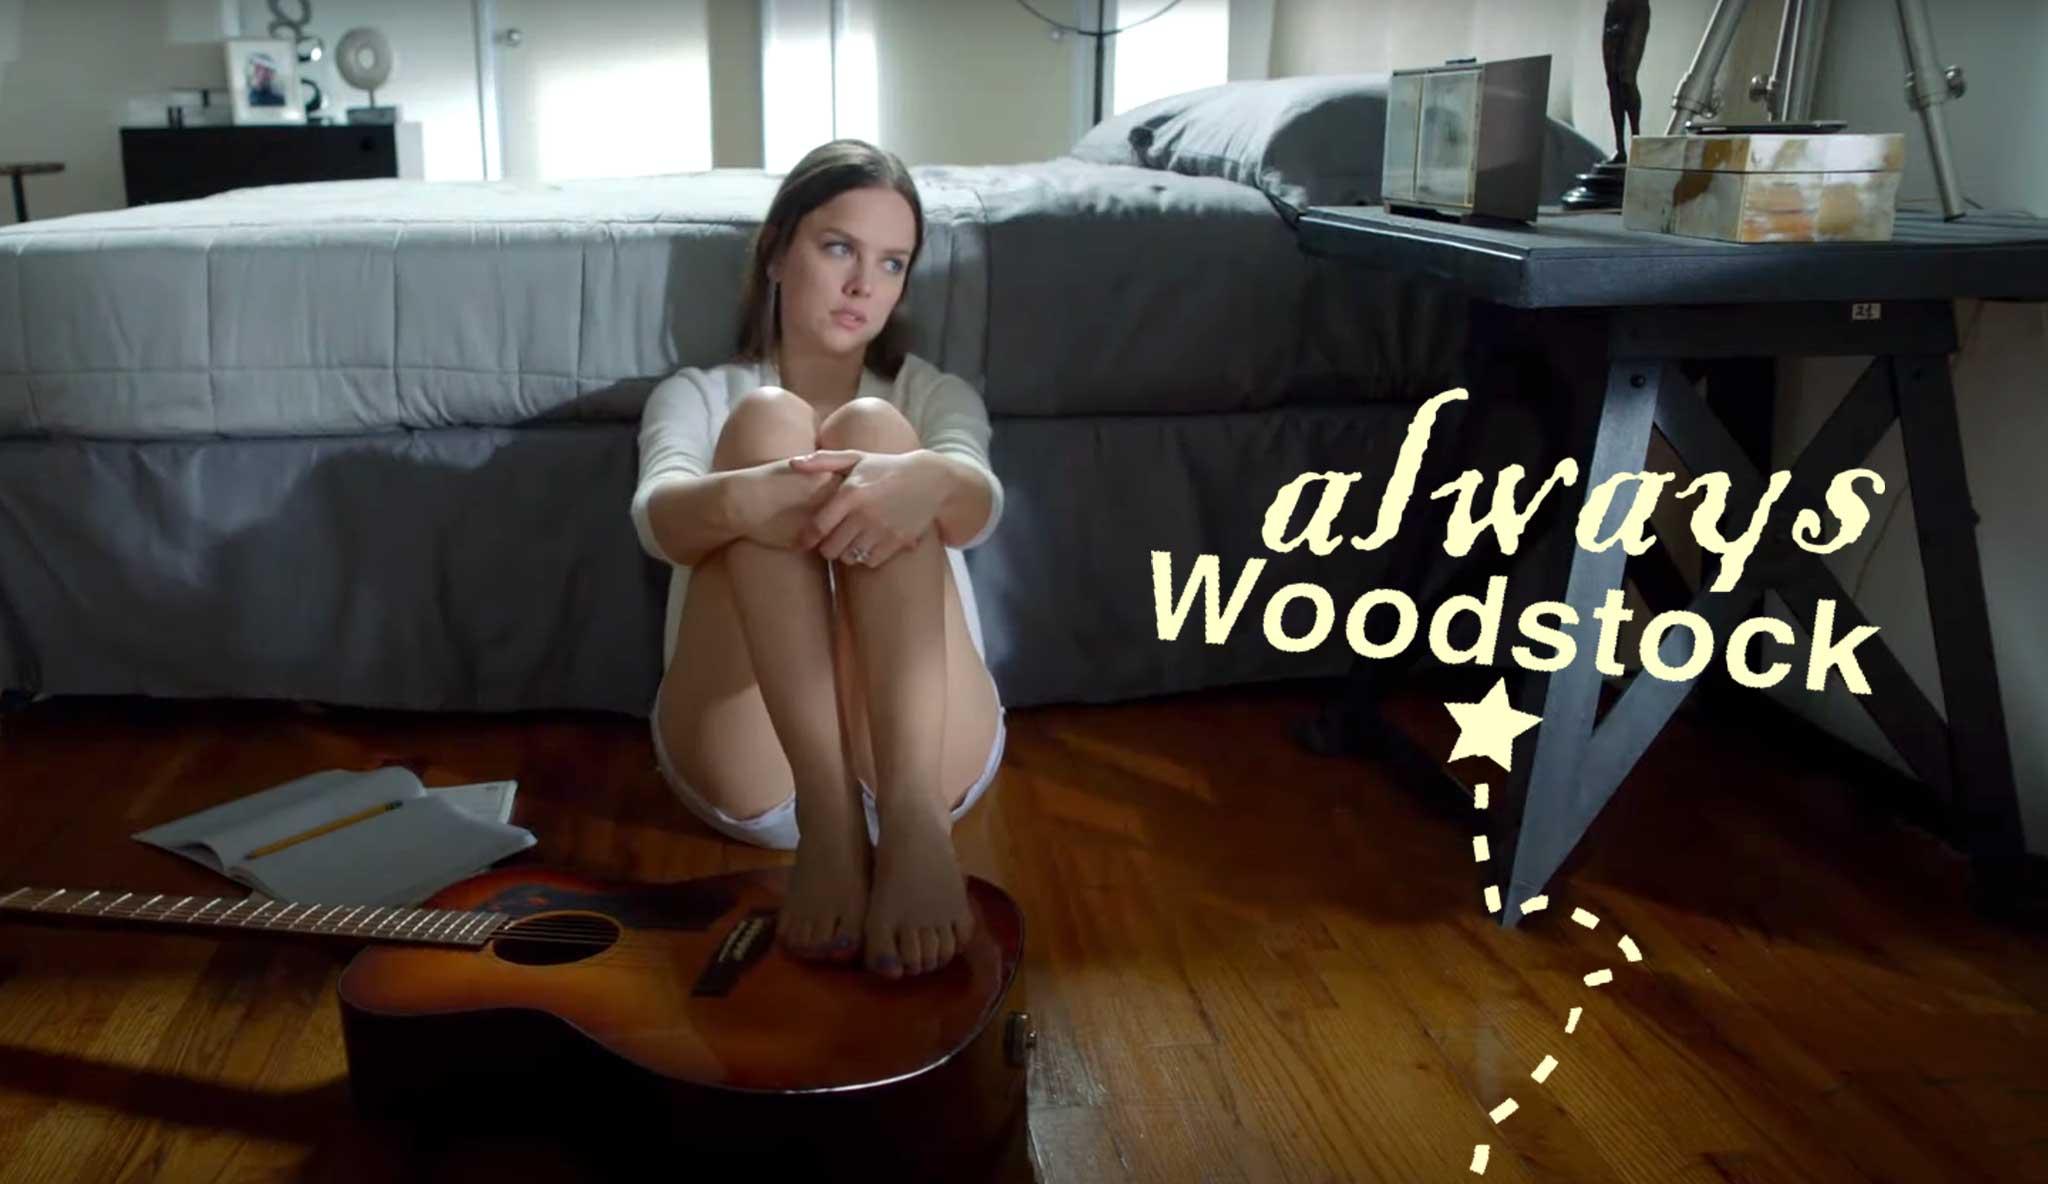 always-woodstock\header.jpg